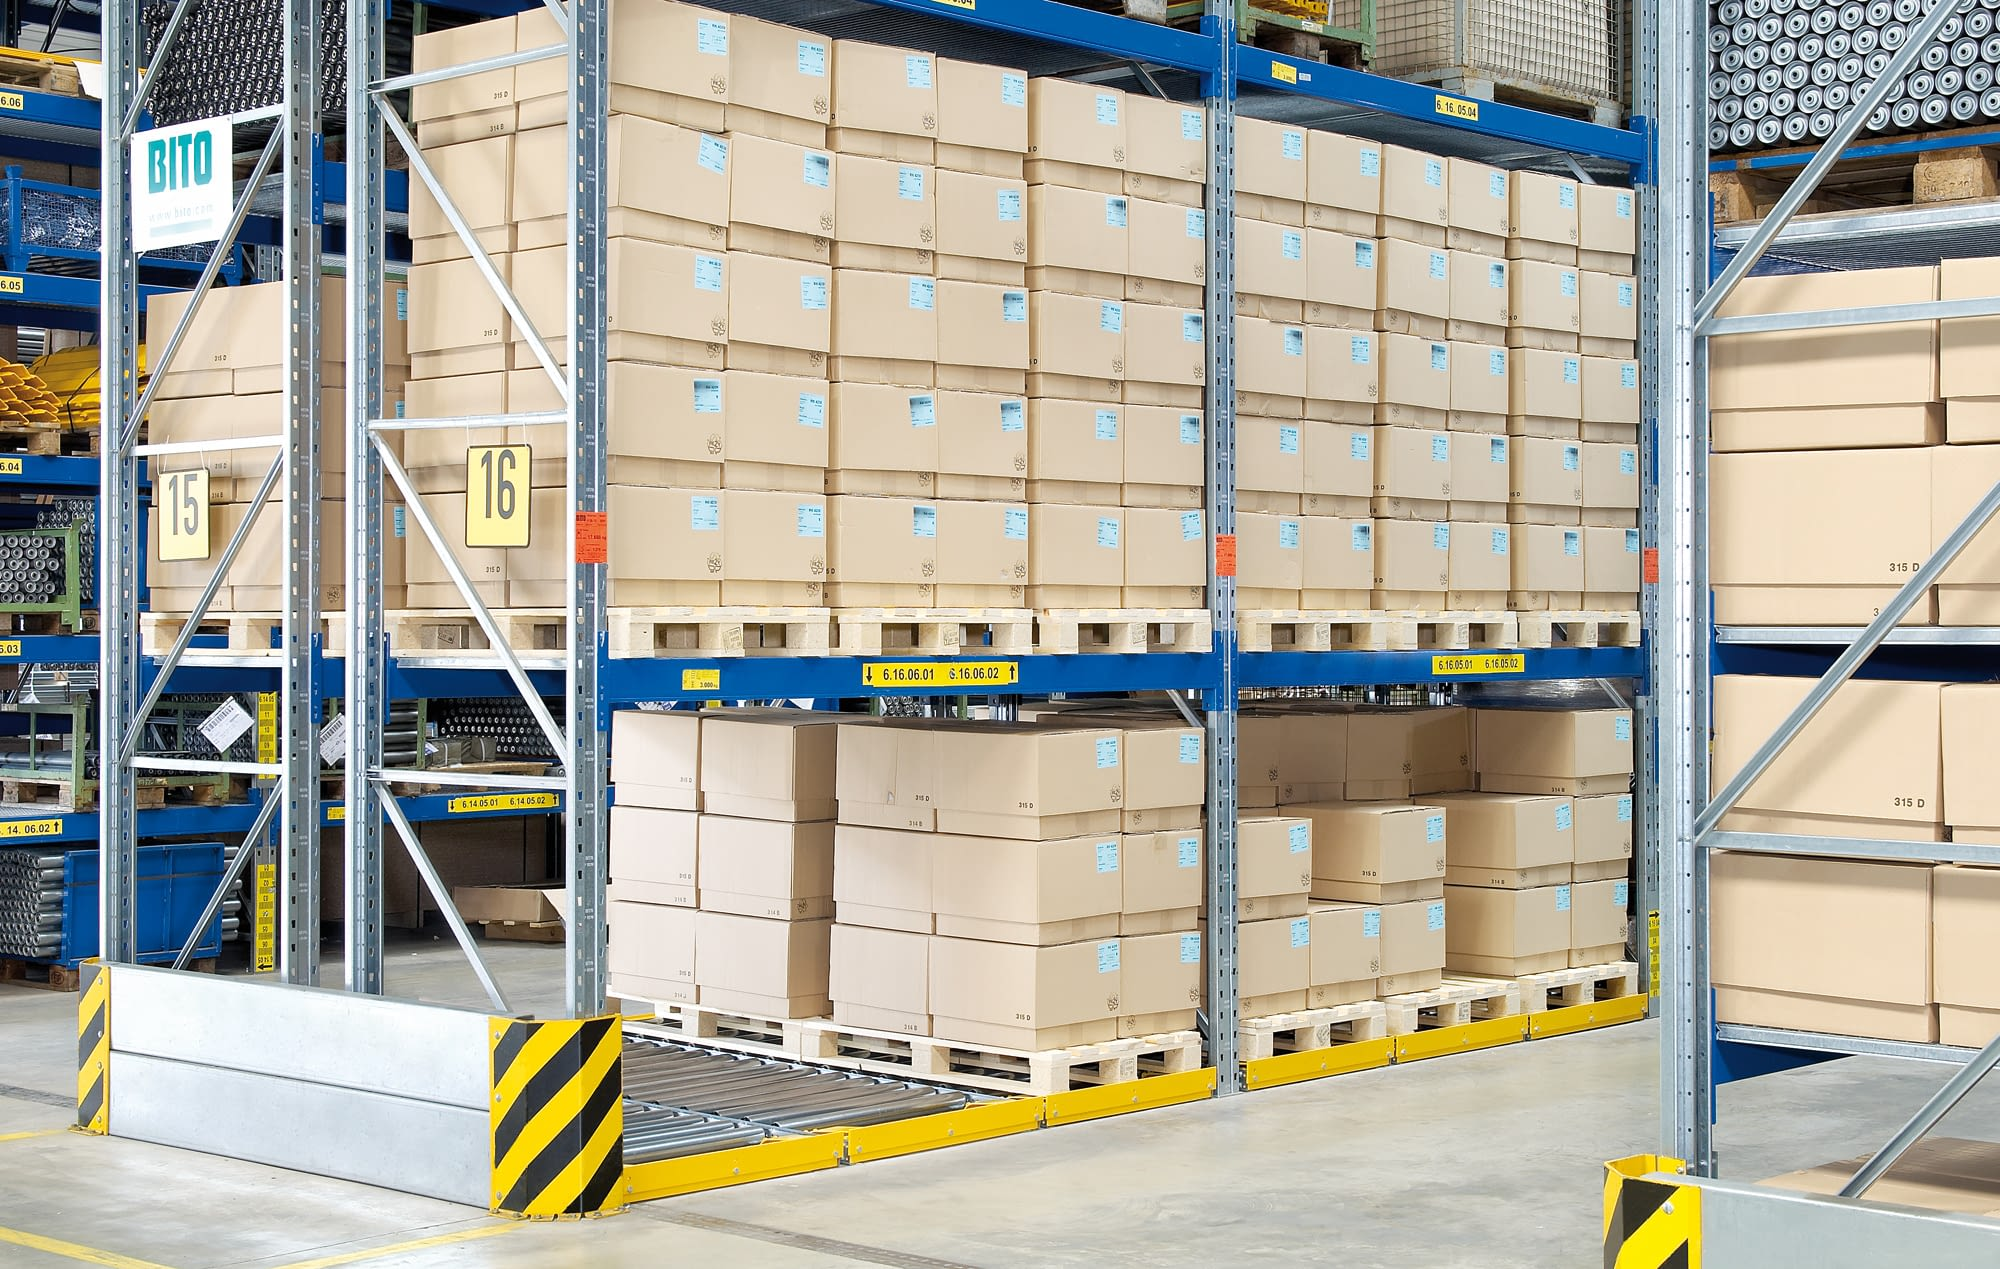 Paletten-Durchlaufregal-System, durchgehende Ausführung, Stahl-Tragrollen, IMG_31989